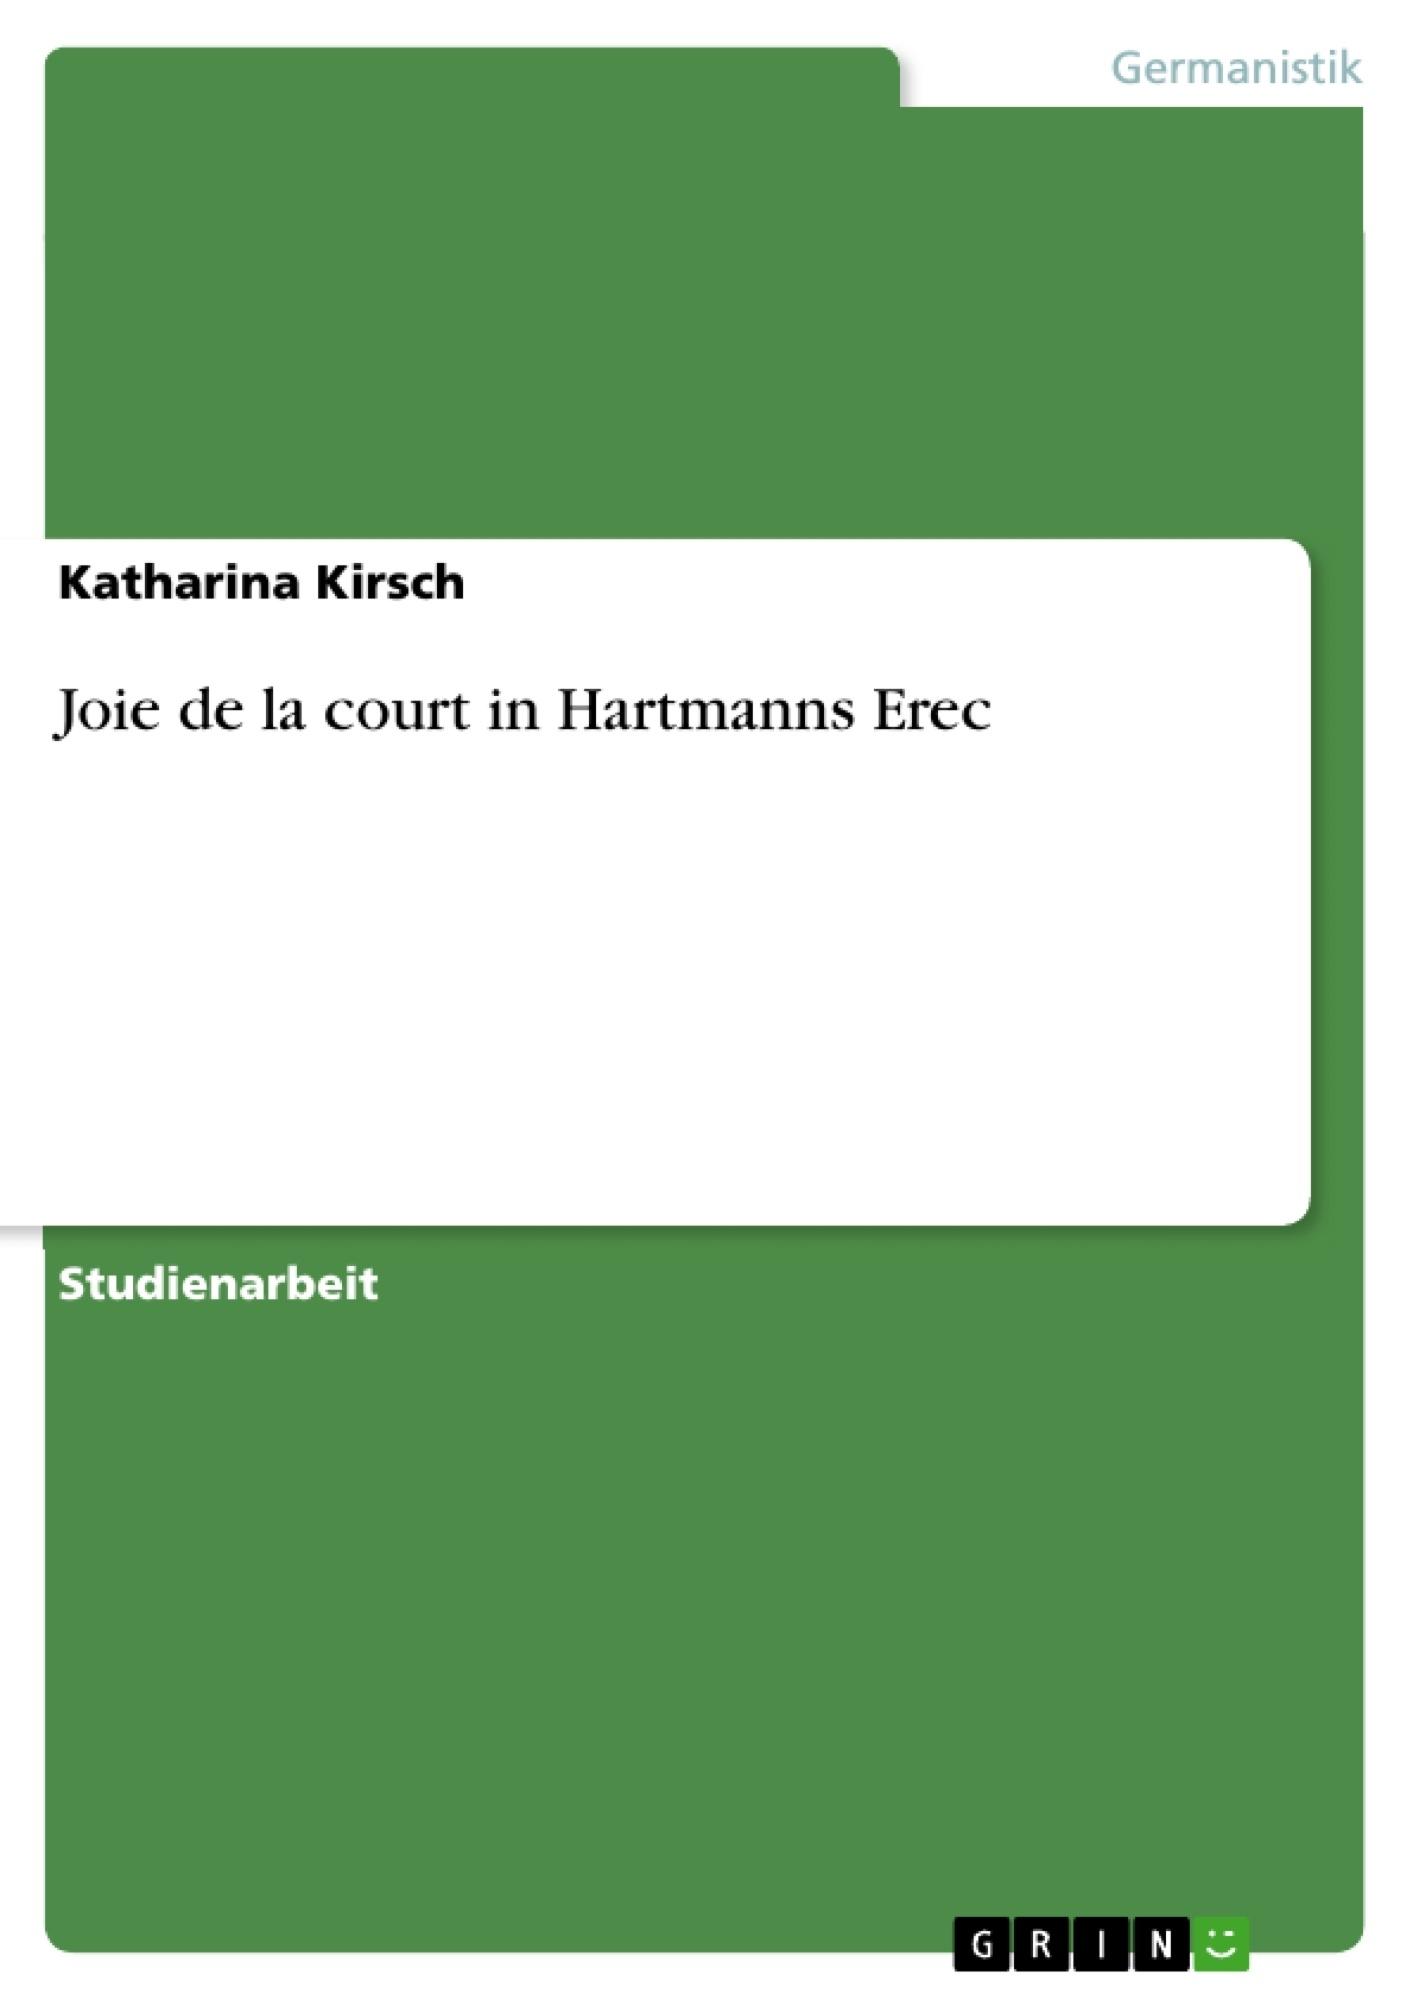 Titel: Joie de la court in Hartmanns Erec